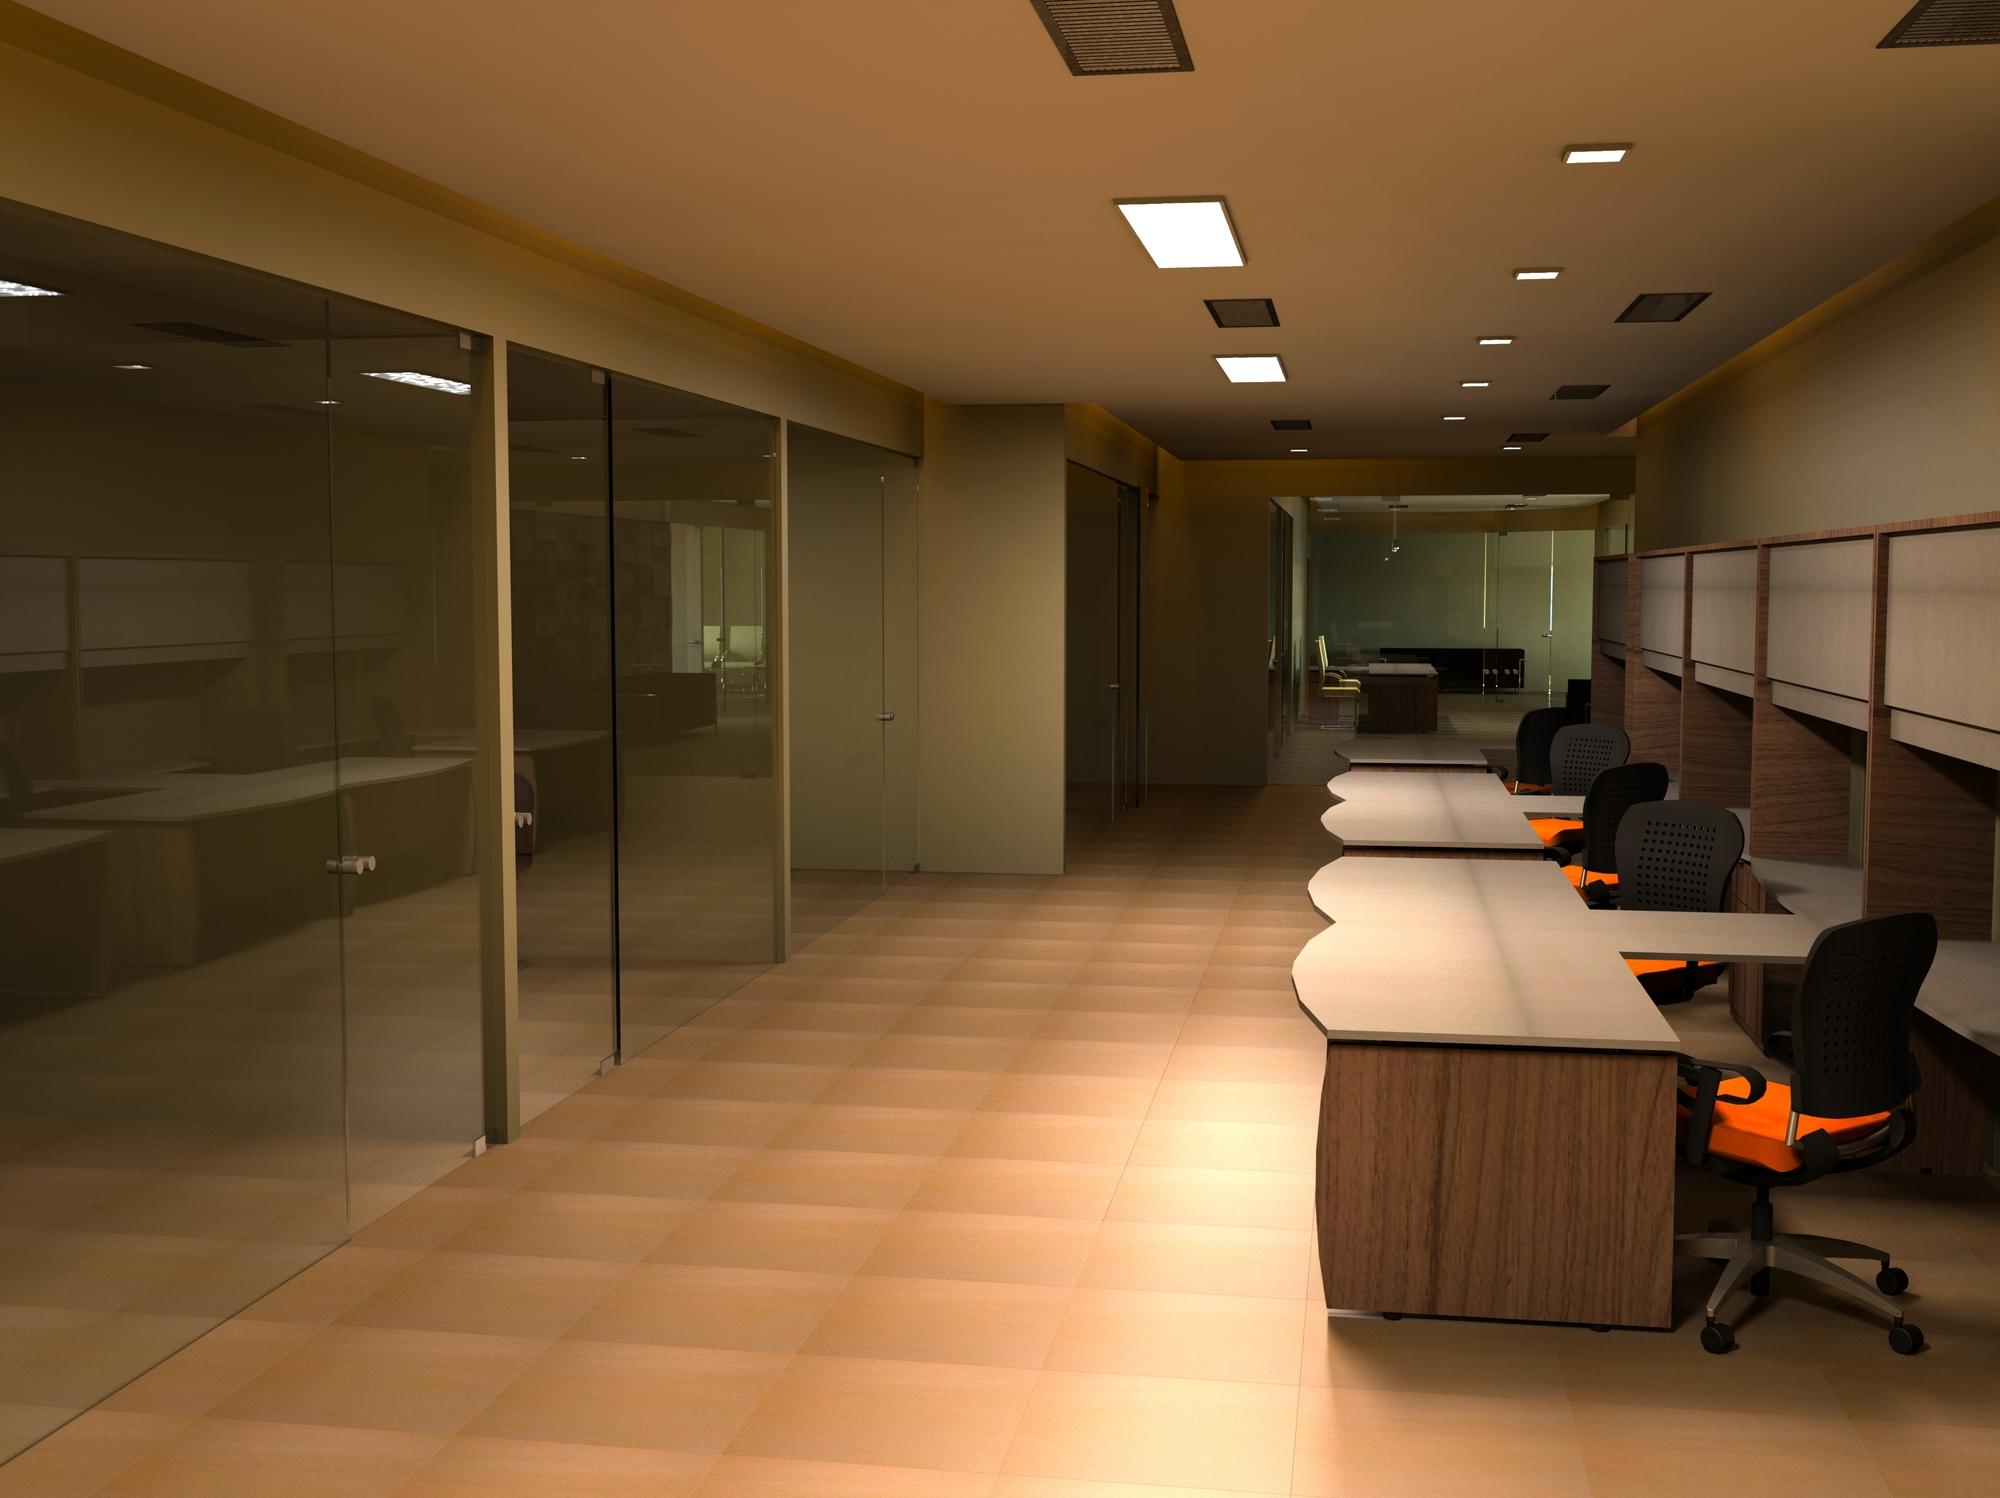 Raas-rendering20141101-10054-1c2vyv4